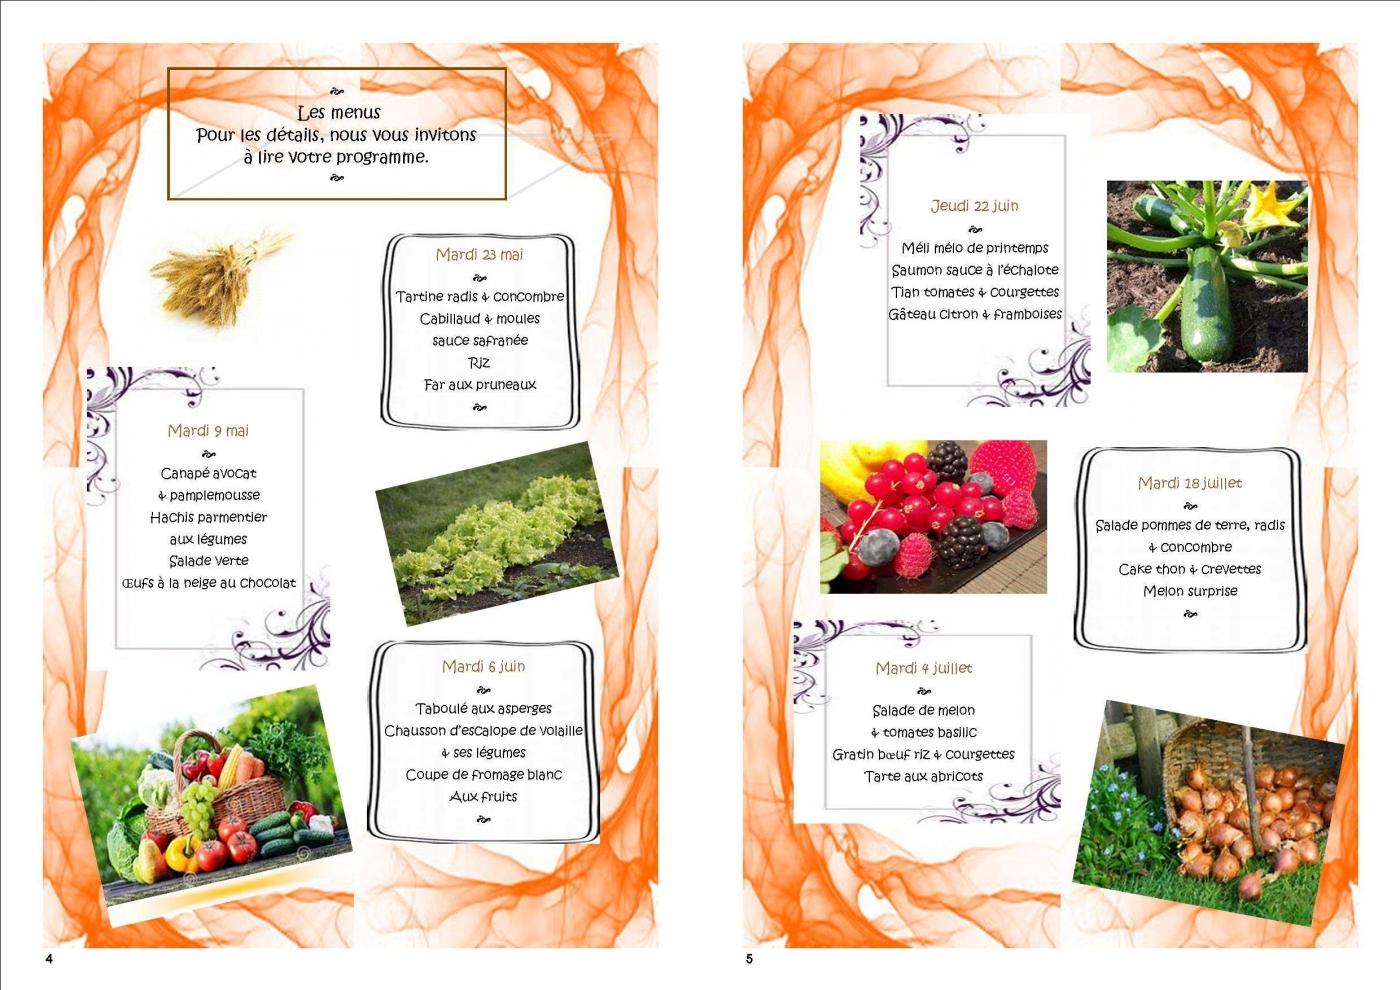 légumes juin juillet